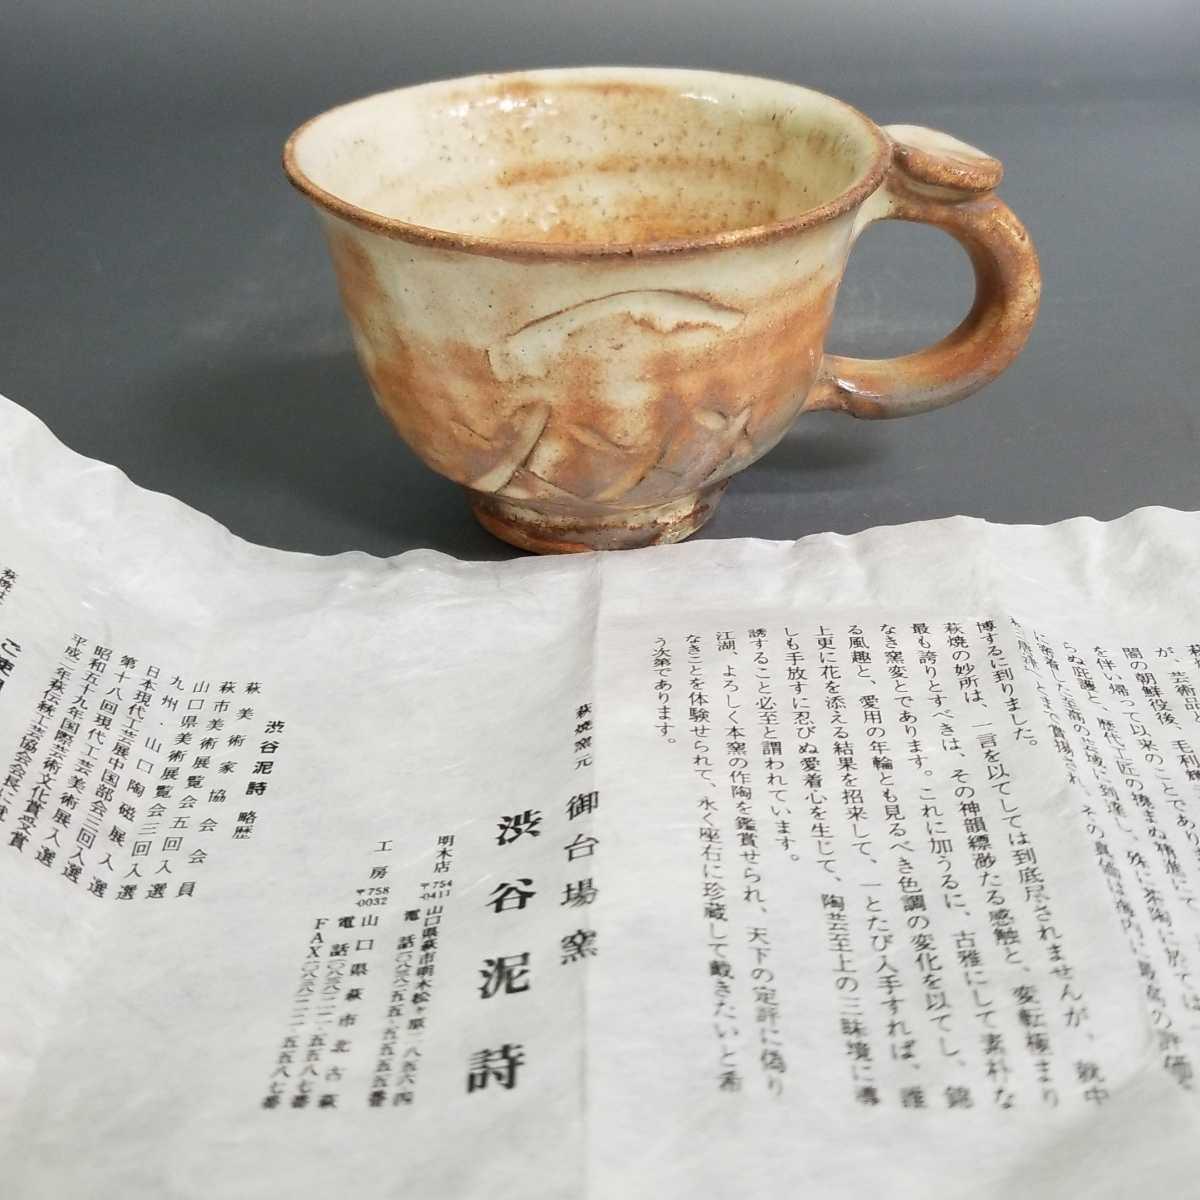 緒63)萩焼 渋谷泥詩 見島コーヒーカップ マグカップ 珈琲器 茶器 未使用新品 同梱歓迎_画像9